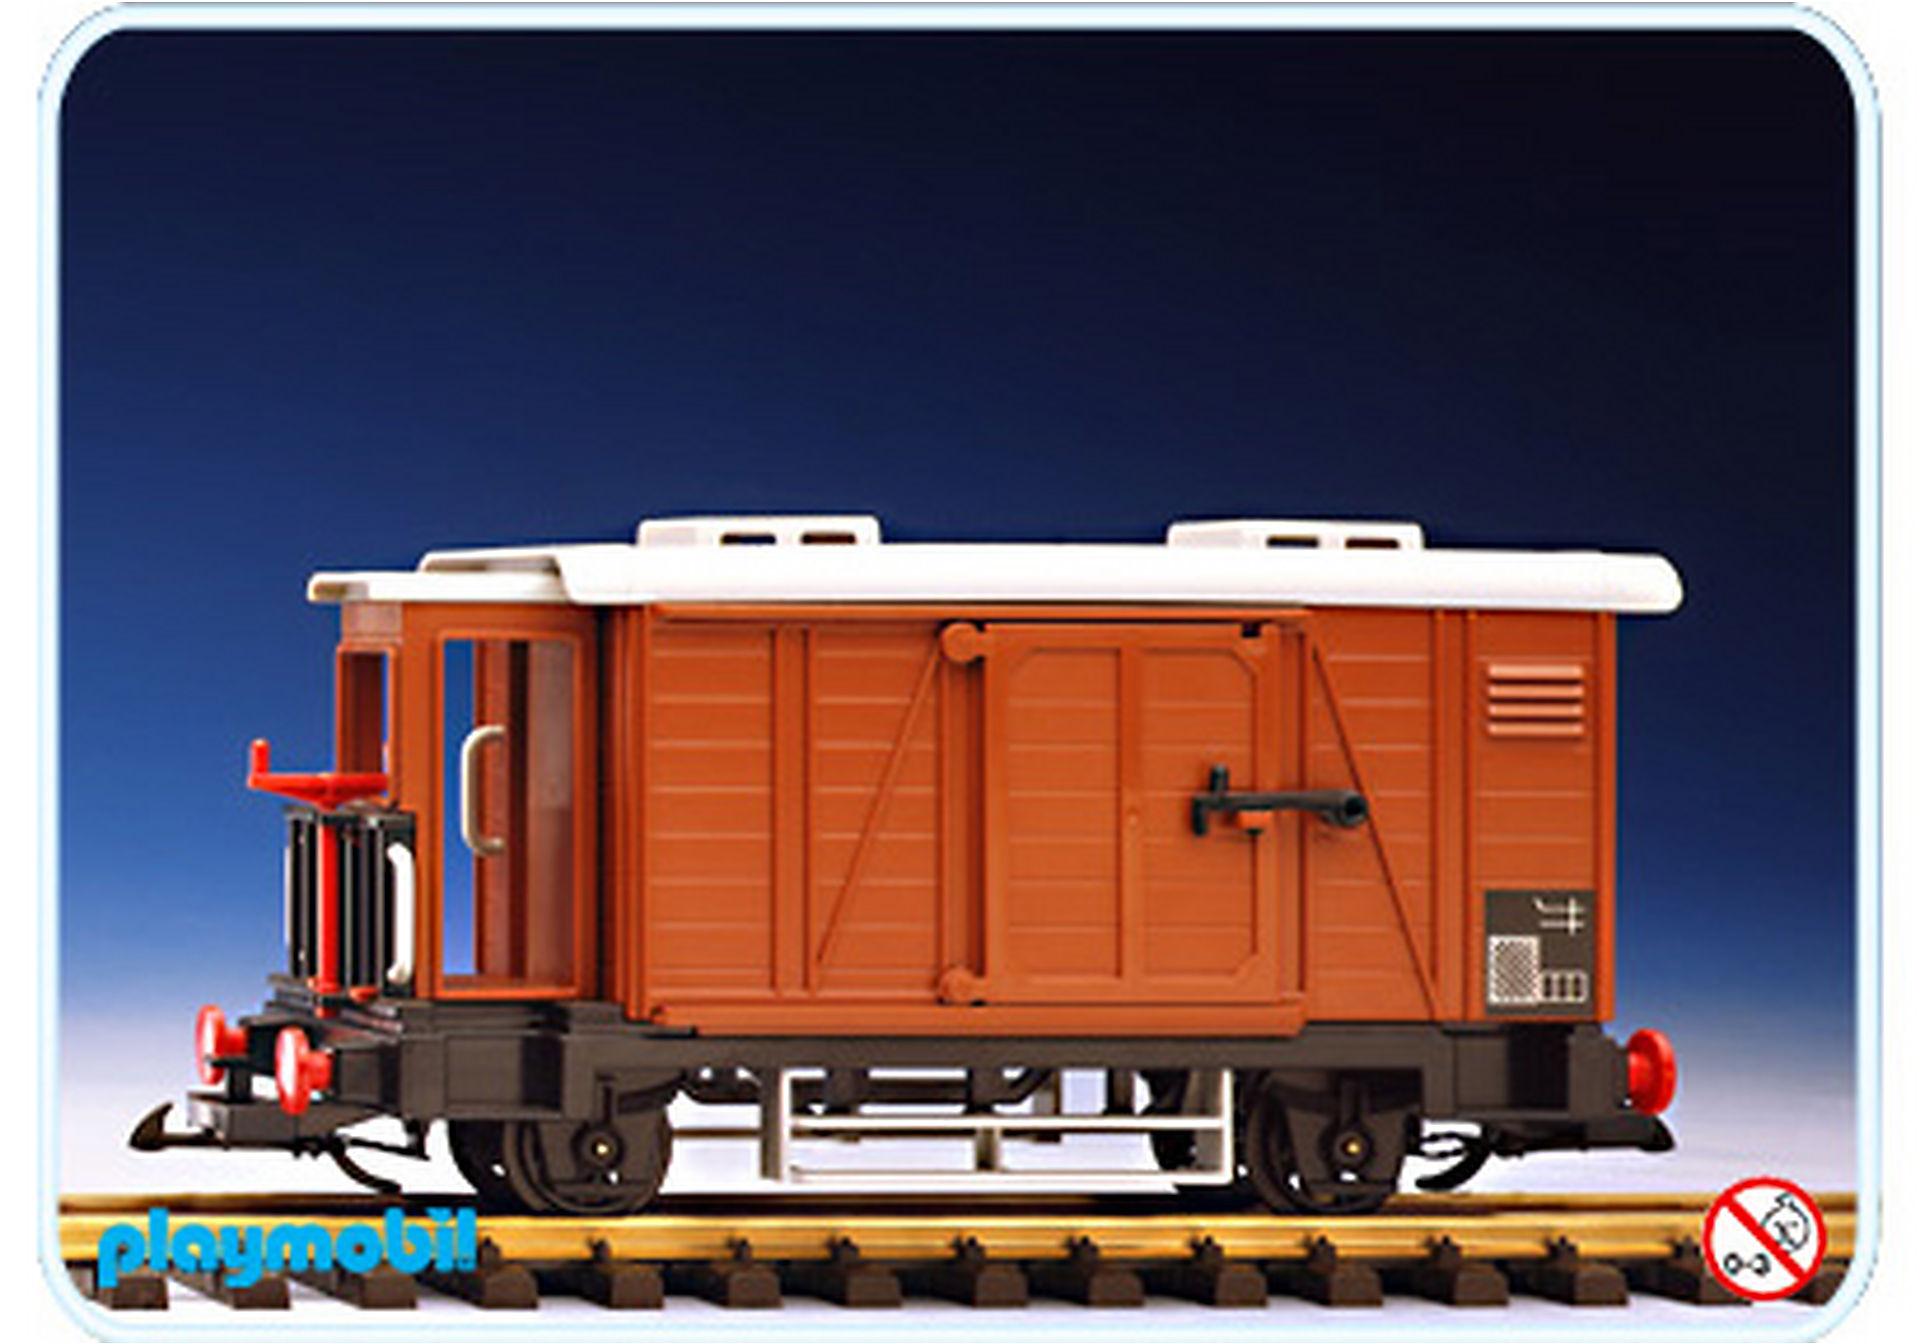 4111-A Wagon de marchandises (fermé) zoom image1